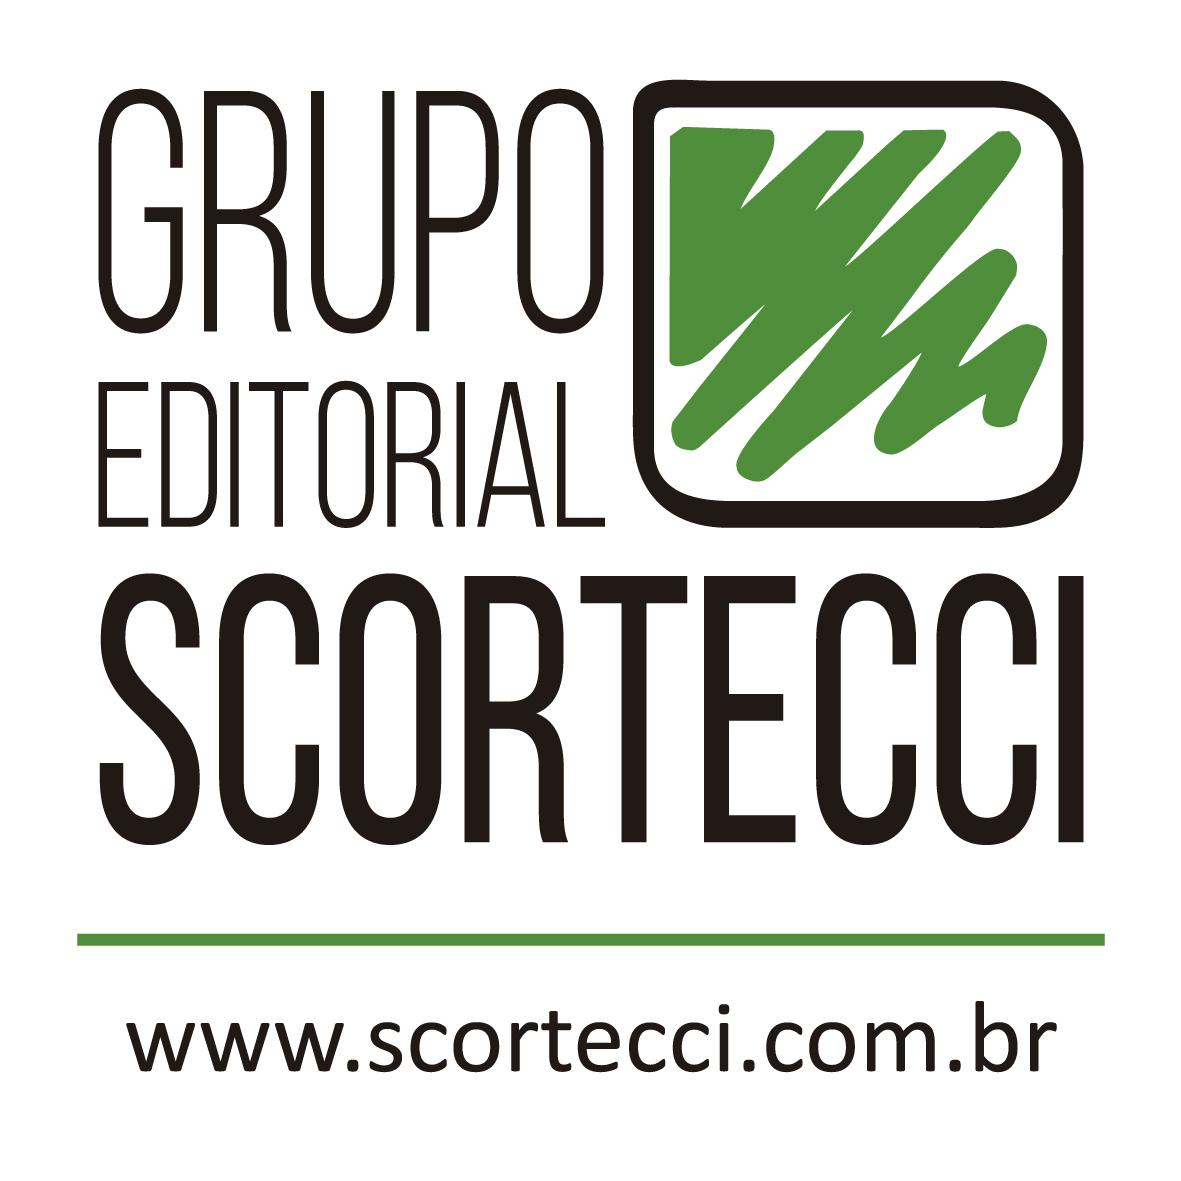 Blog Parceiro Grupo Editorial Scortecci